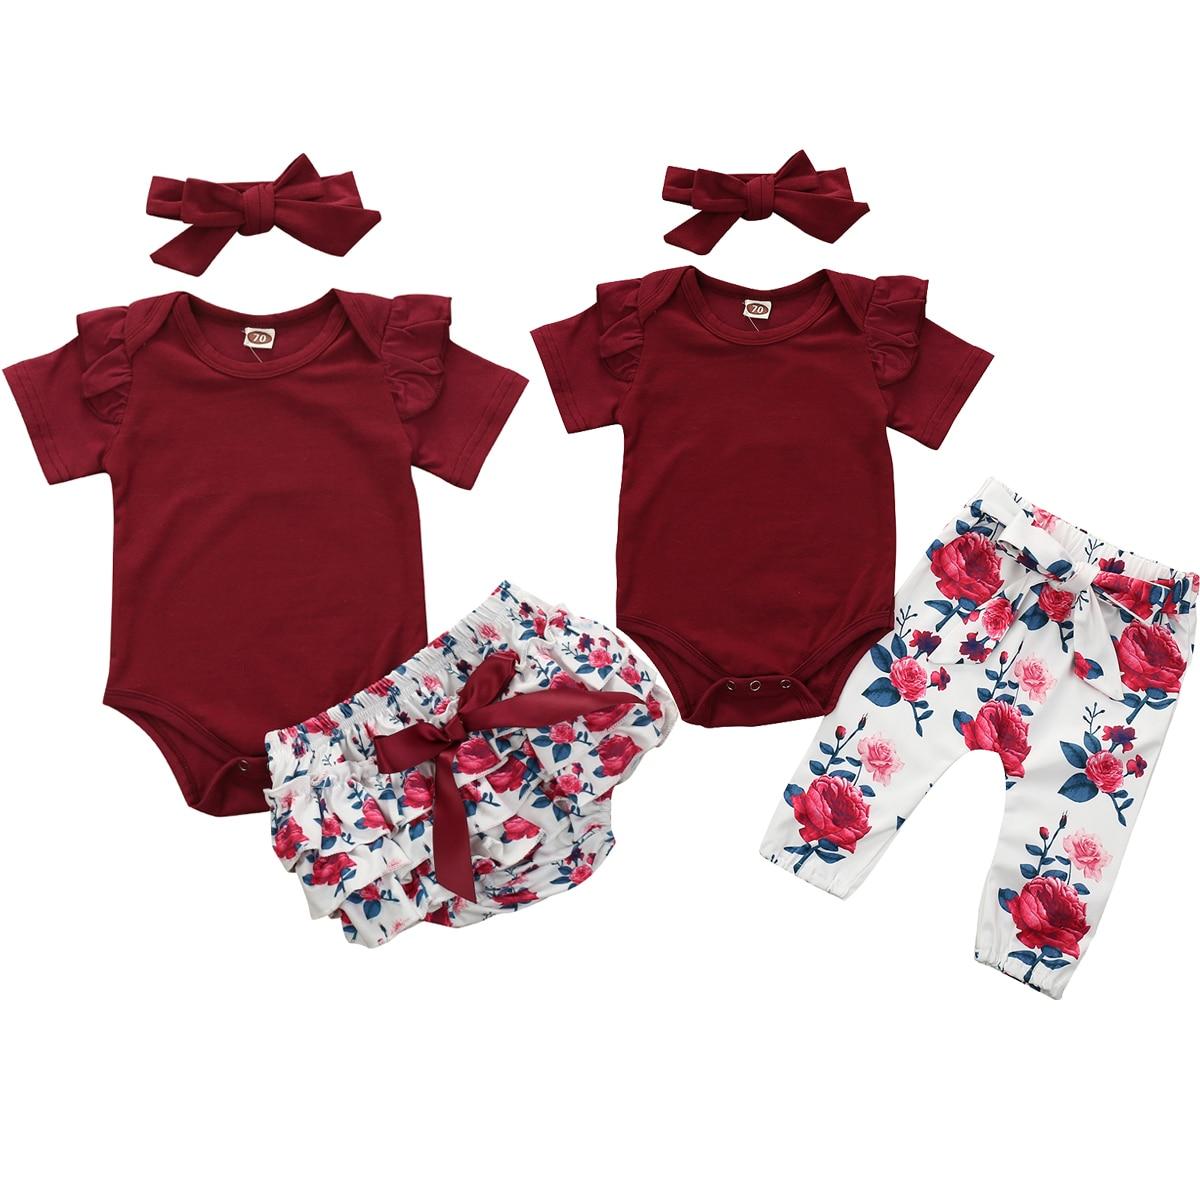 Recién Nacidos niñas 0-24M volantes Tops Romper Tutu pantalones cortos 3 uds trajes ropa Orinal de bebé, asiento de entrenamiento para el baño, orinal de plástico portátil para niños, entrenador, orinal de interior para niños, silla de plástico para niños